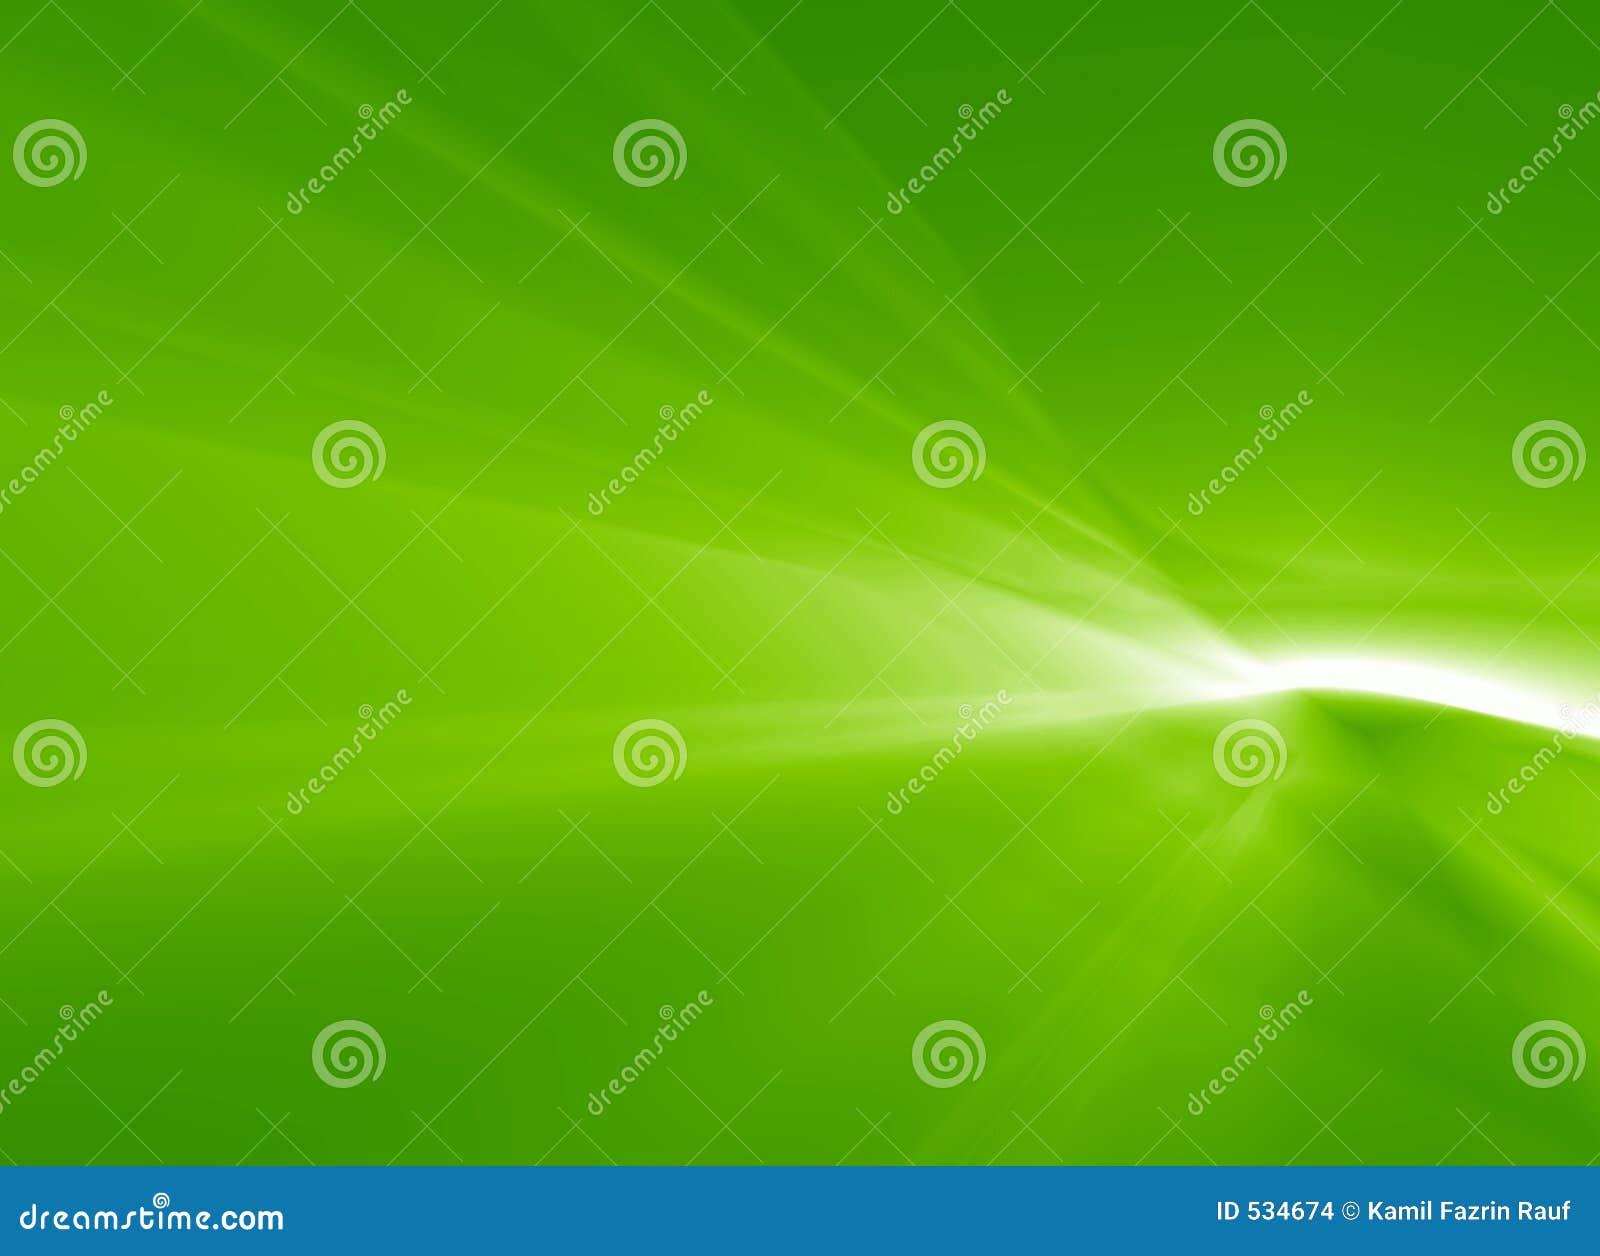 Light effects 2